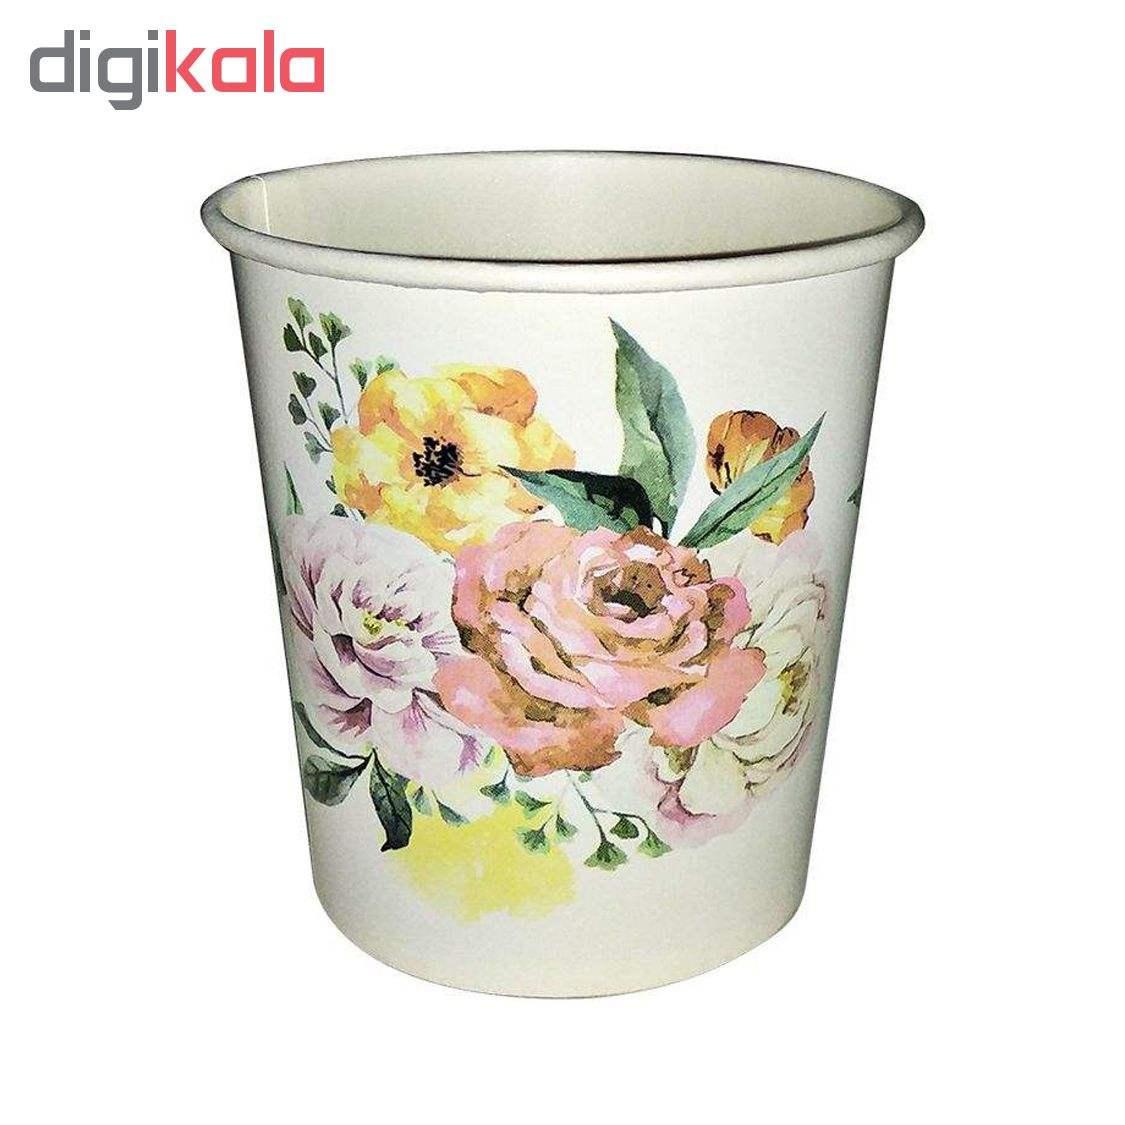 لیوان یکبار مصرف کاغذی الین پلاست مدل KGH2-40 بسته 40 عددی main 1 5